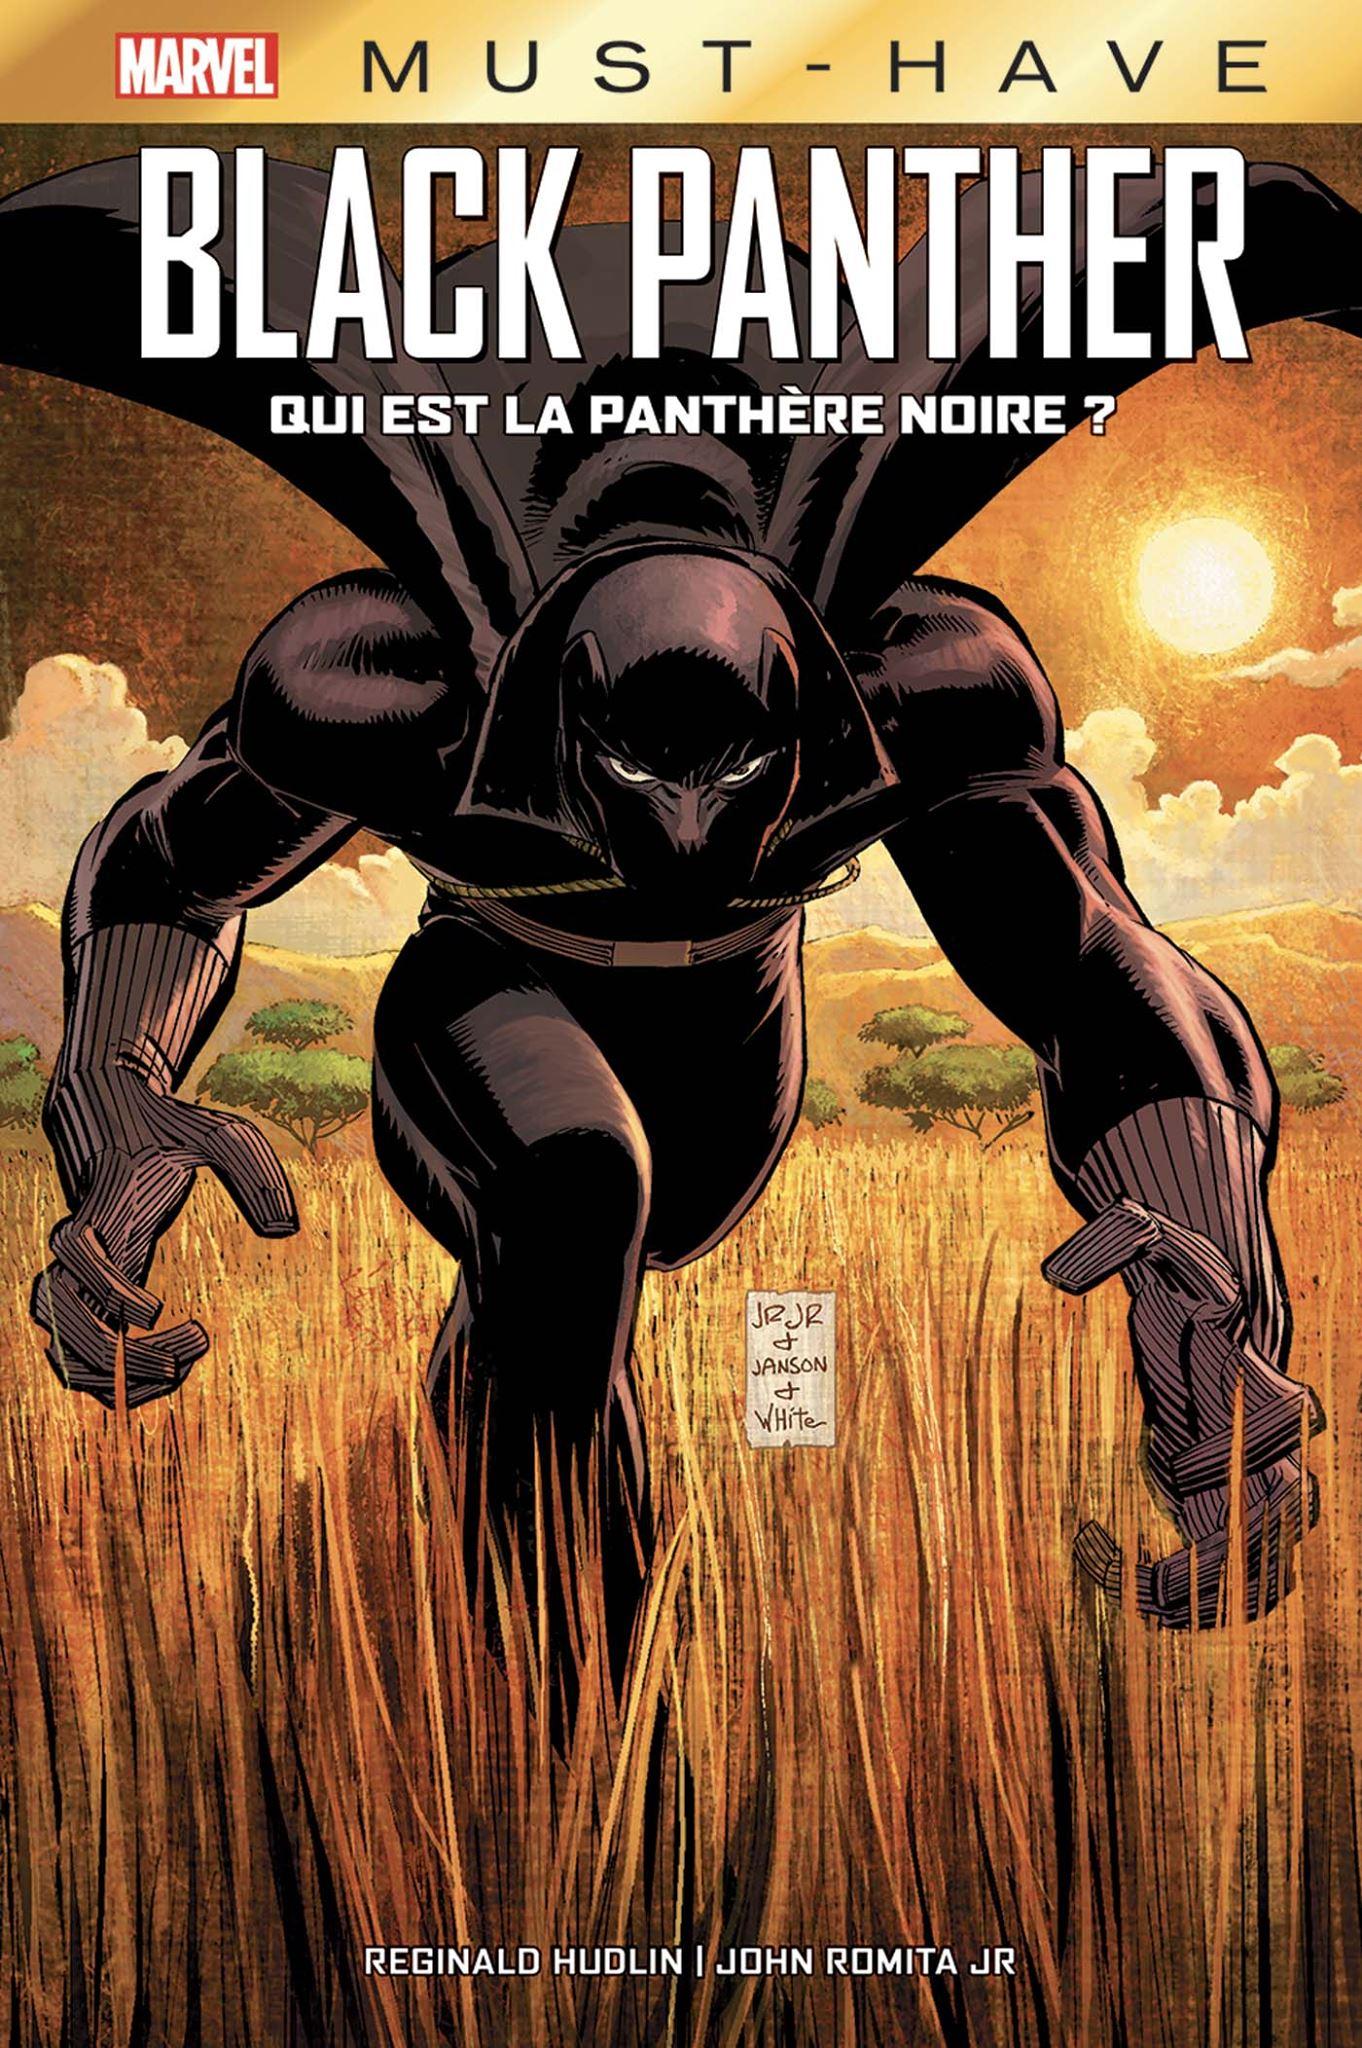 BLACK PANTHER : QUI EST LA PANTHÈRE NOIRE ? (MUST-HAVE)